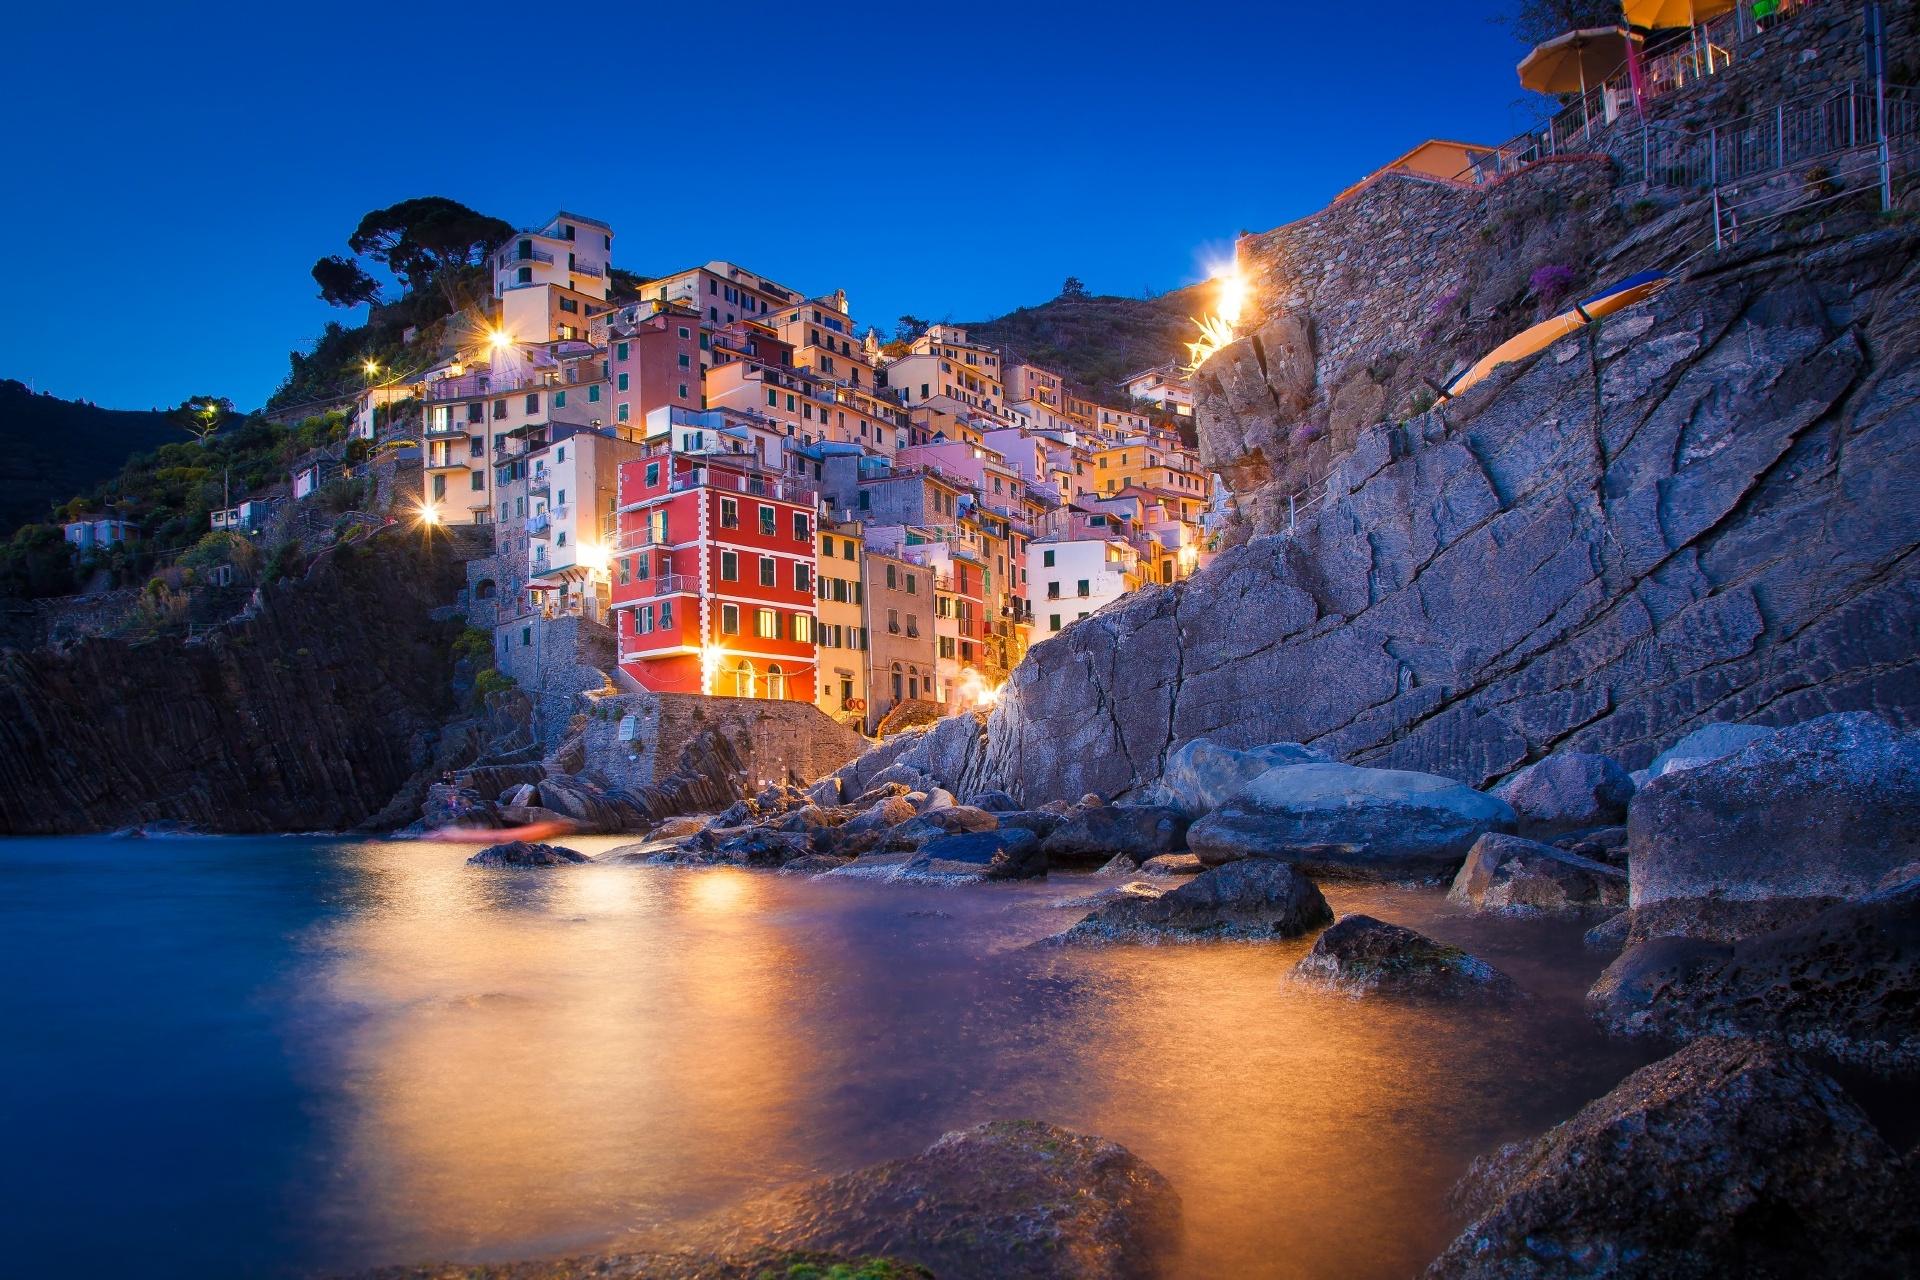 夜のチンクエ・テッレとリオマッジョーレの風景